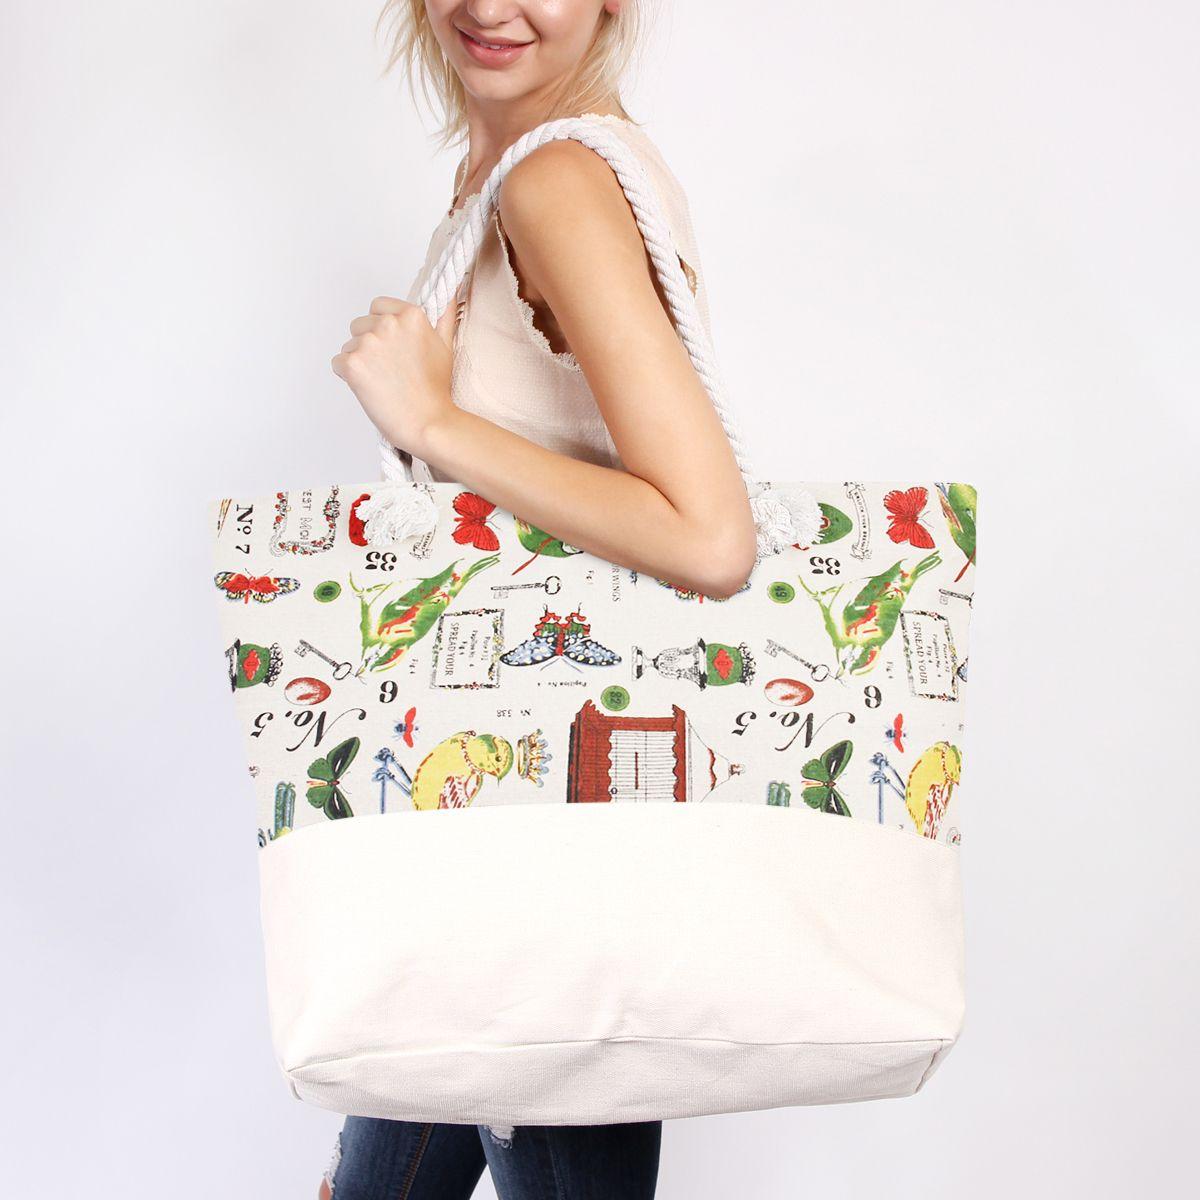 Bird Print Jumbo Tote Bag - $14.99. https://www.bellechic.com/deals/7a47ecc44c06/bird-print-jumbo-tote-bag